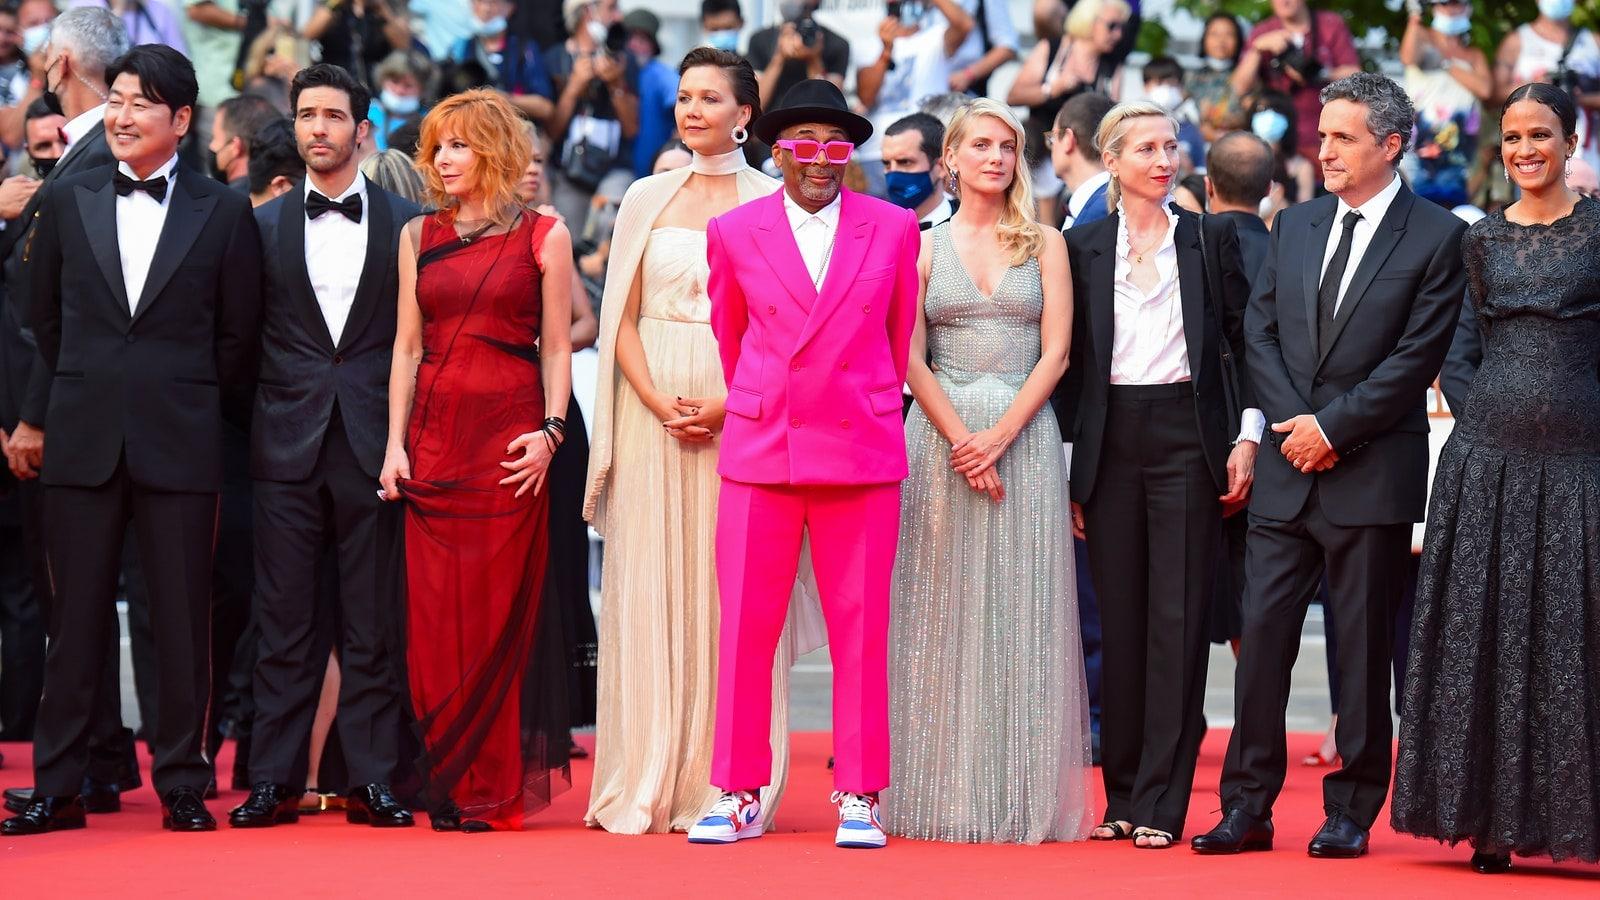 Le tapis rouge de la cérémonie d'ouverture du 74e Festival de Cannes